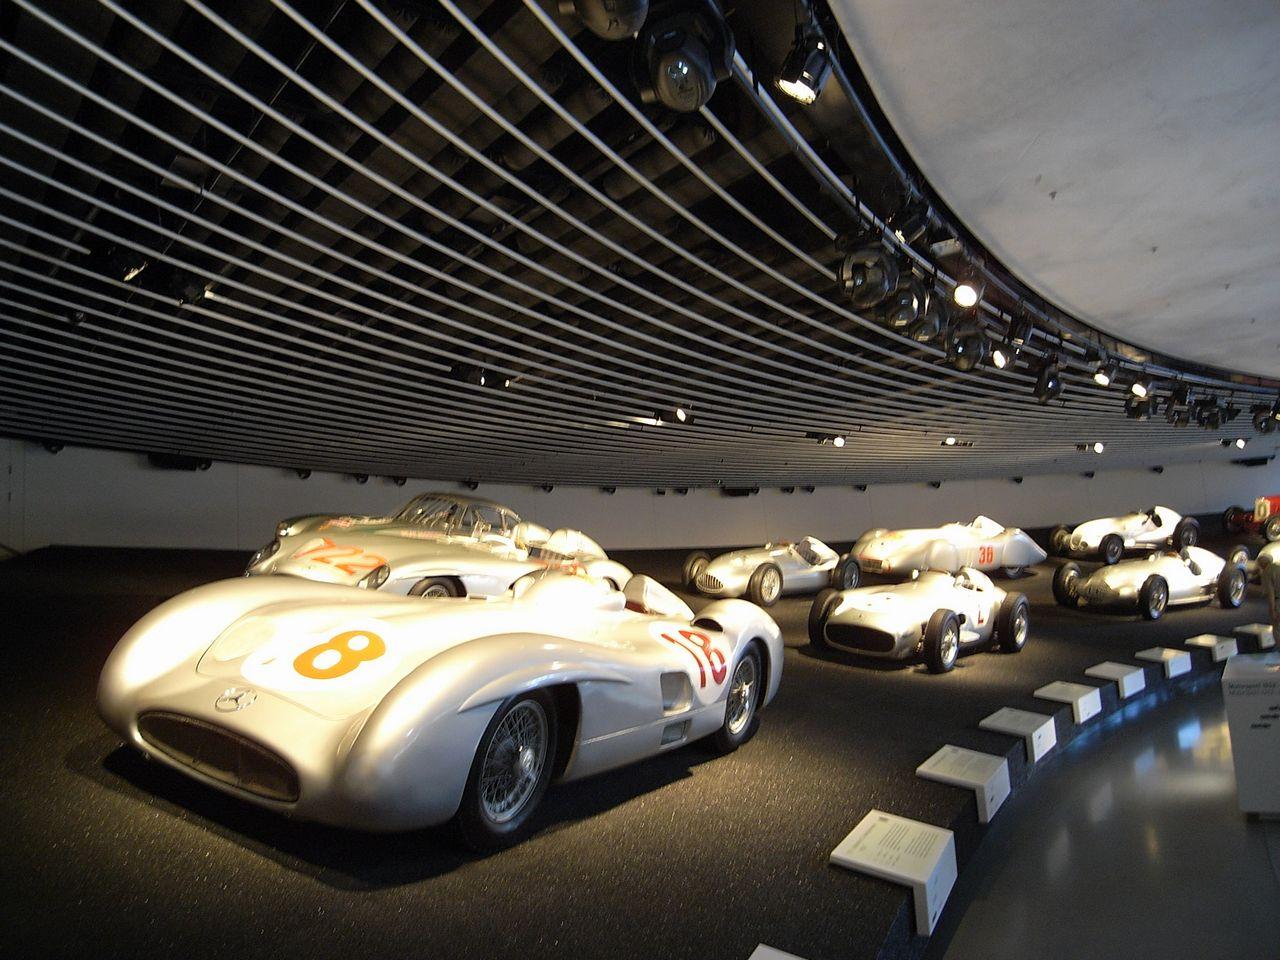 奔驰汽车博物馆图片高清图片